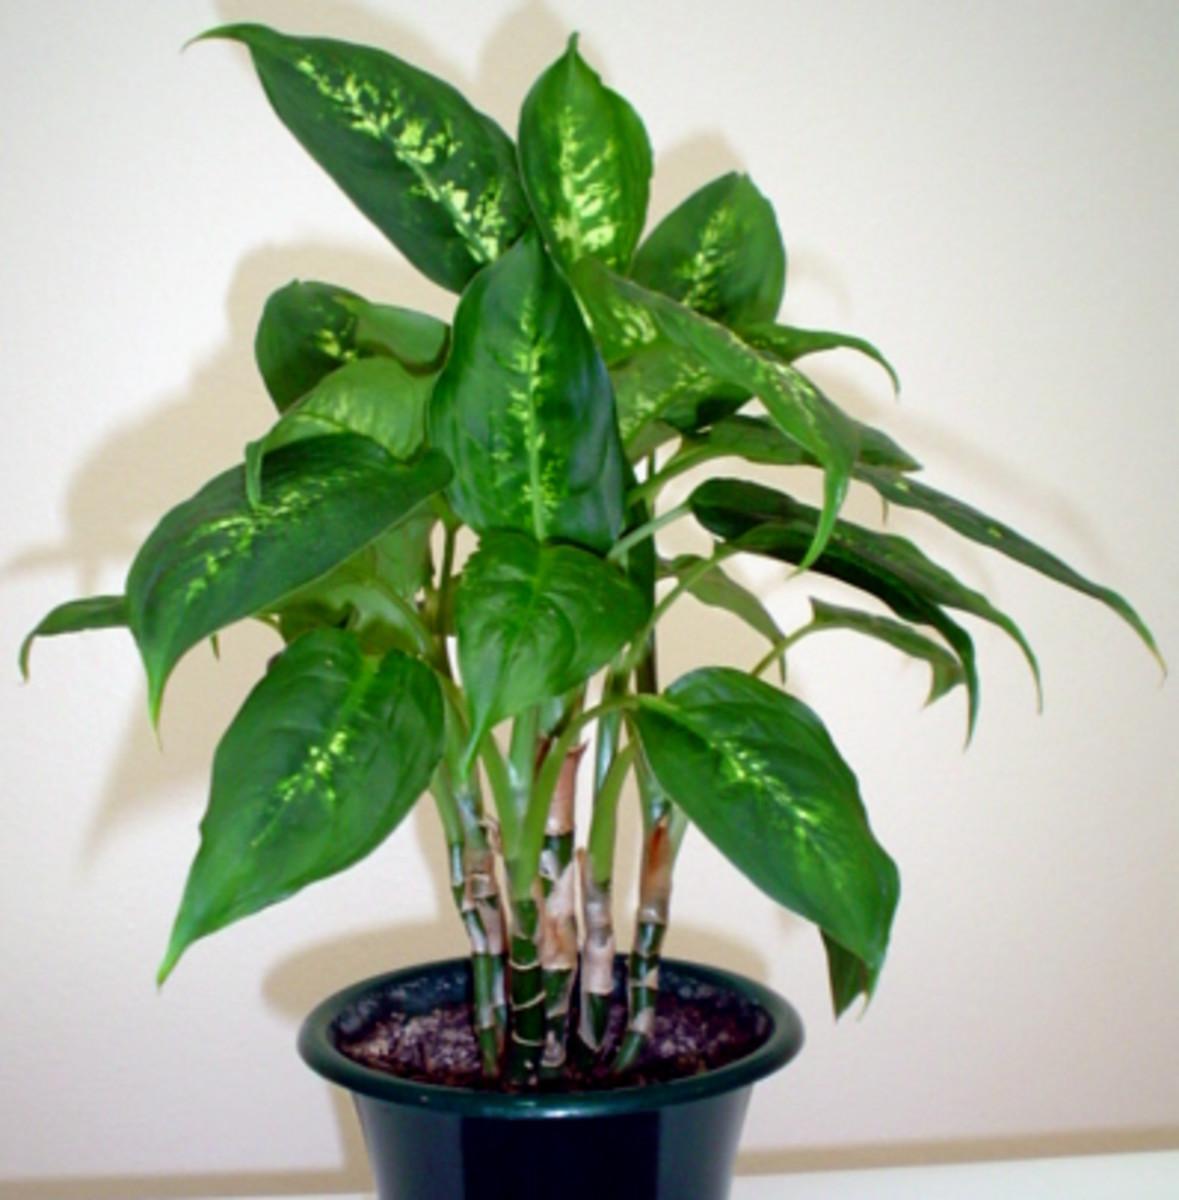 Dumb Cane (Dumbcane) - A Poisonous Plant